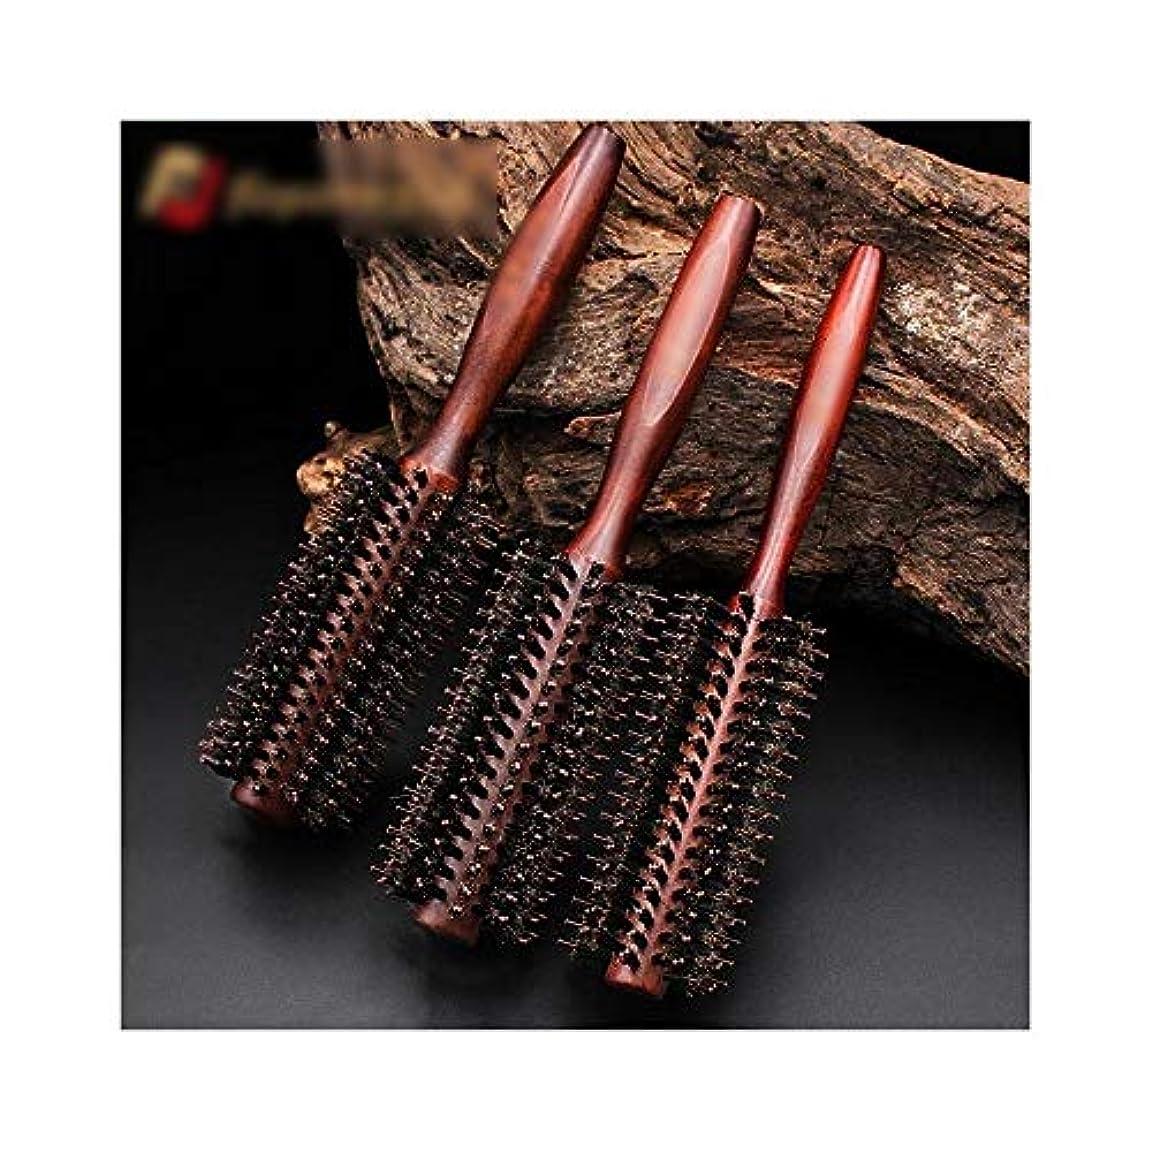 急勾配のバスト記憶ヘアコーム理髪くし 髪の毛ラウンドブラシコームツイルブロードライヘアコーム用ヘアスタイリング乾燥カーリングブラシ ヘアスタイリングコーム (Color : Straight, Size : S)